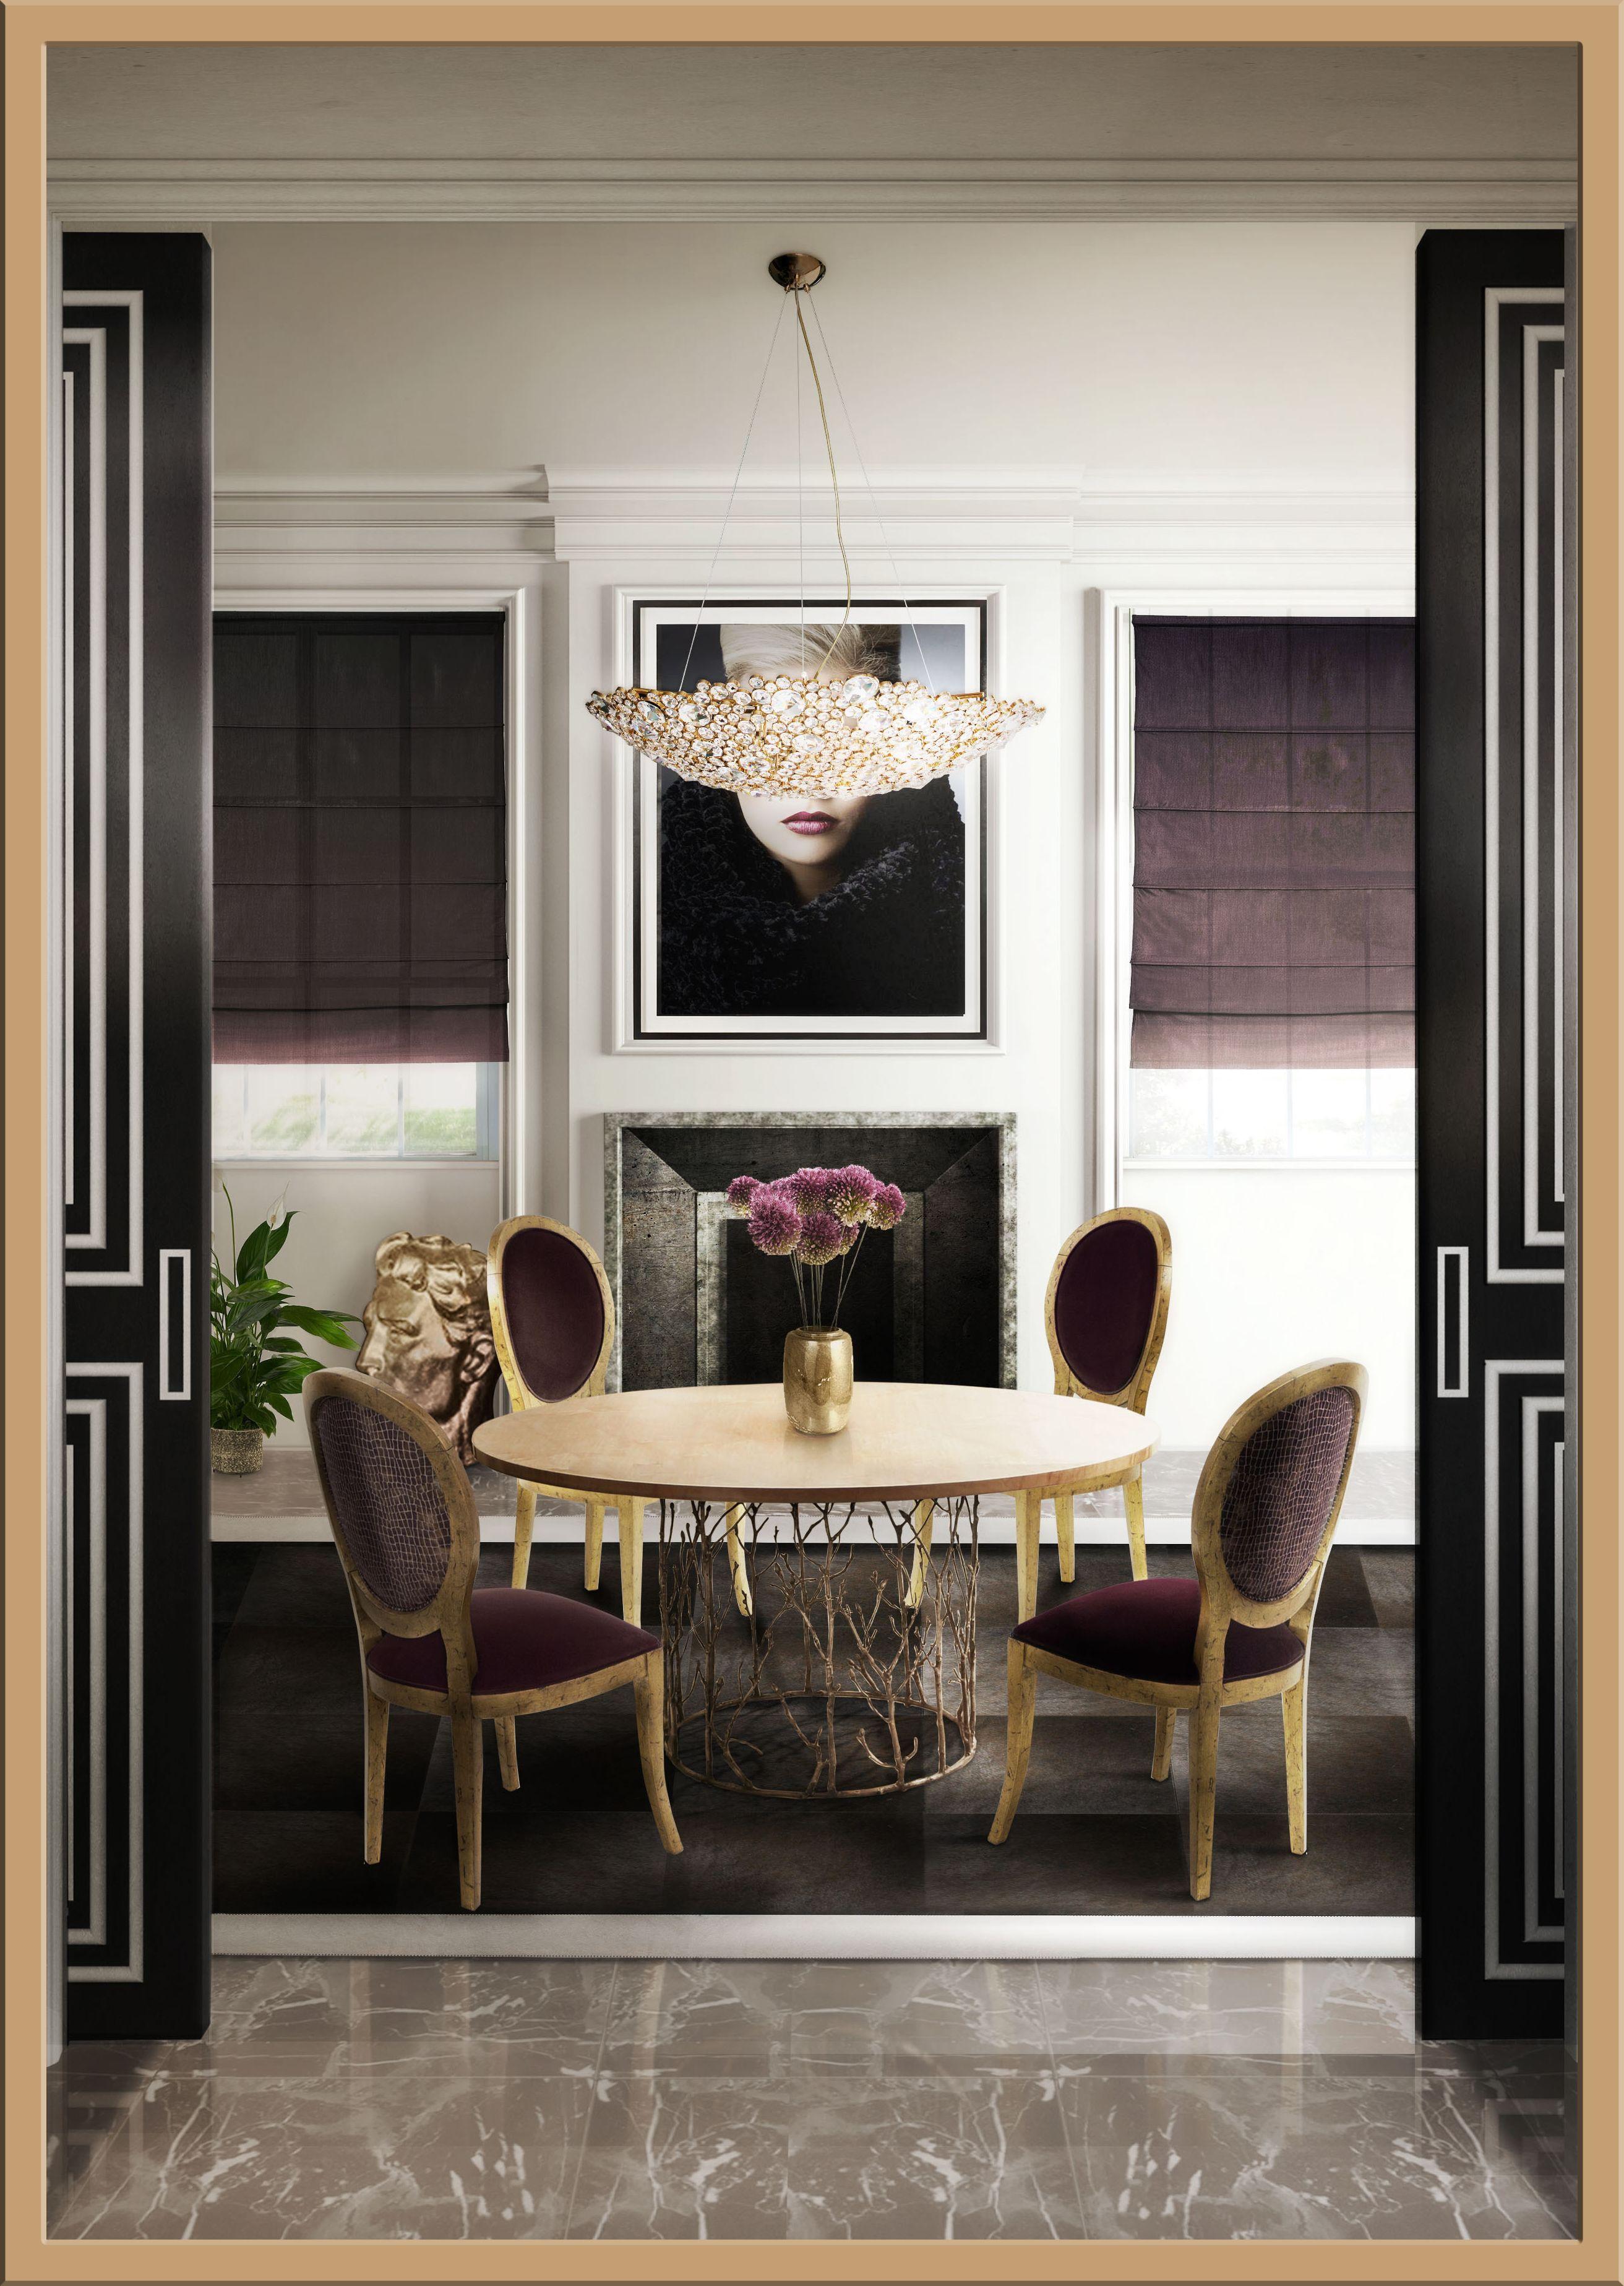 The Etiquette of Interior Design